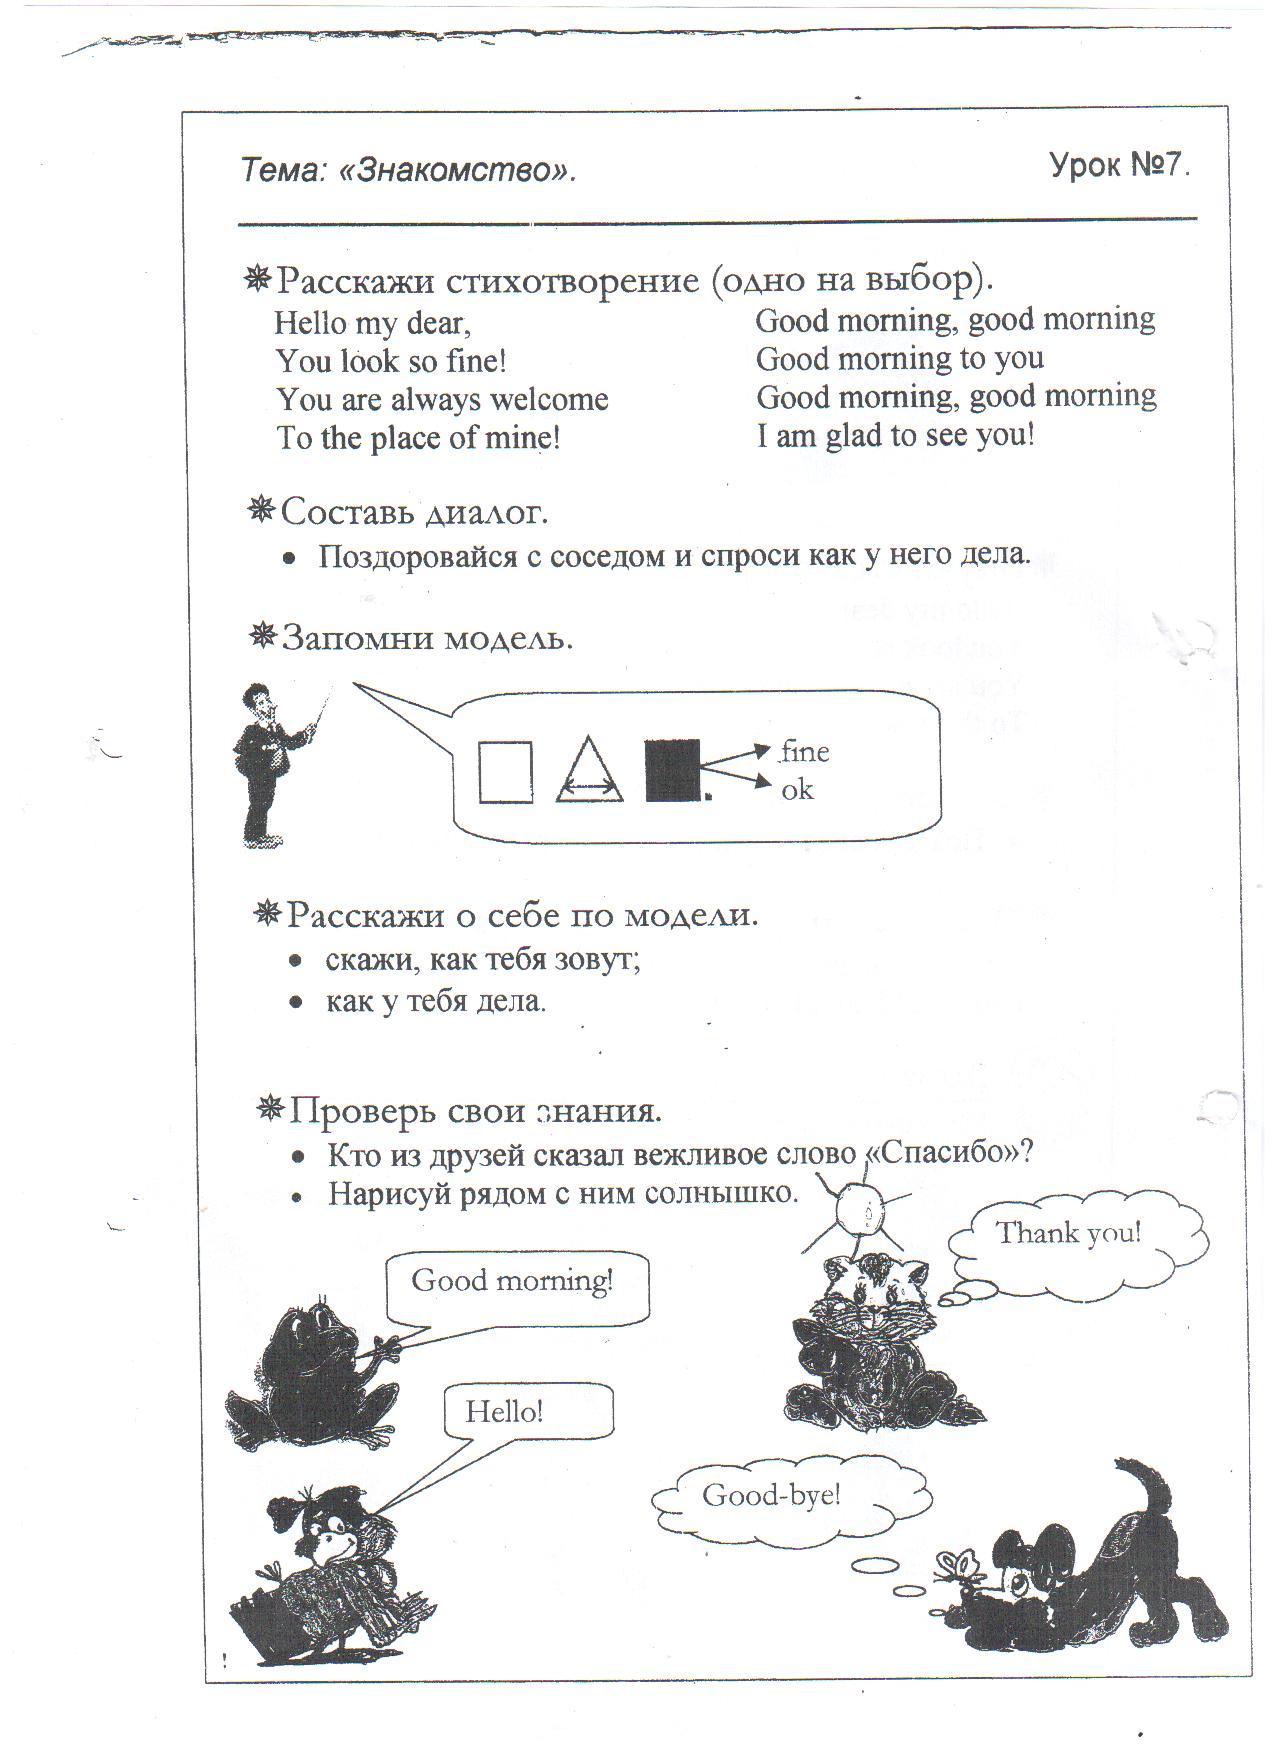 C:\Documents and Settings\Admin\Мои документы\Мои рисунки\Изображение\Изображение 080.jpg